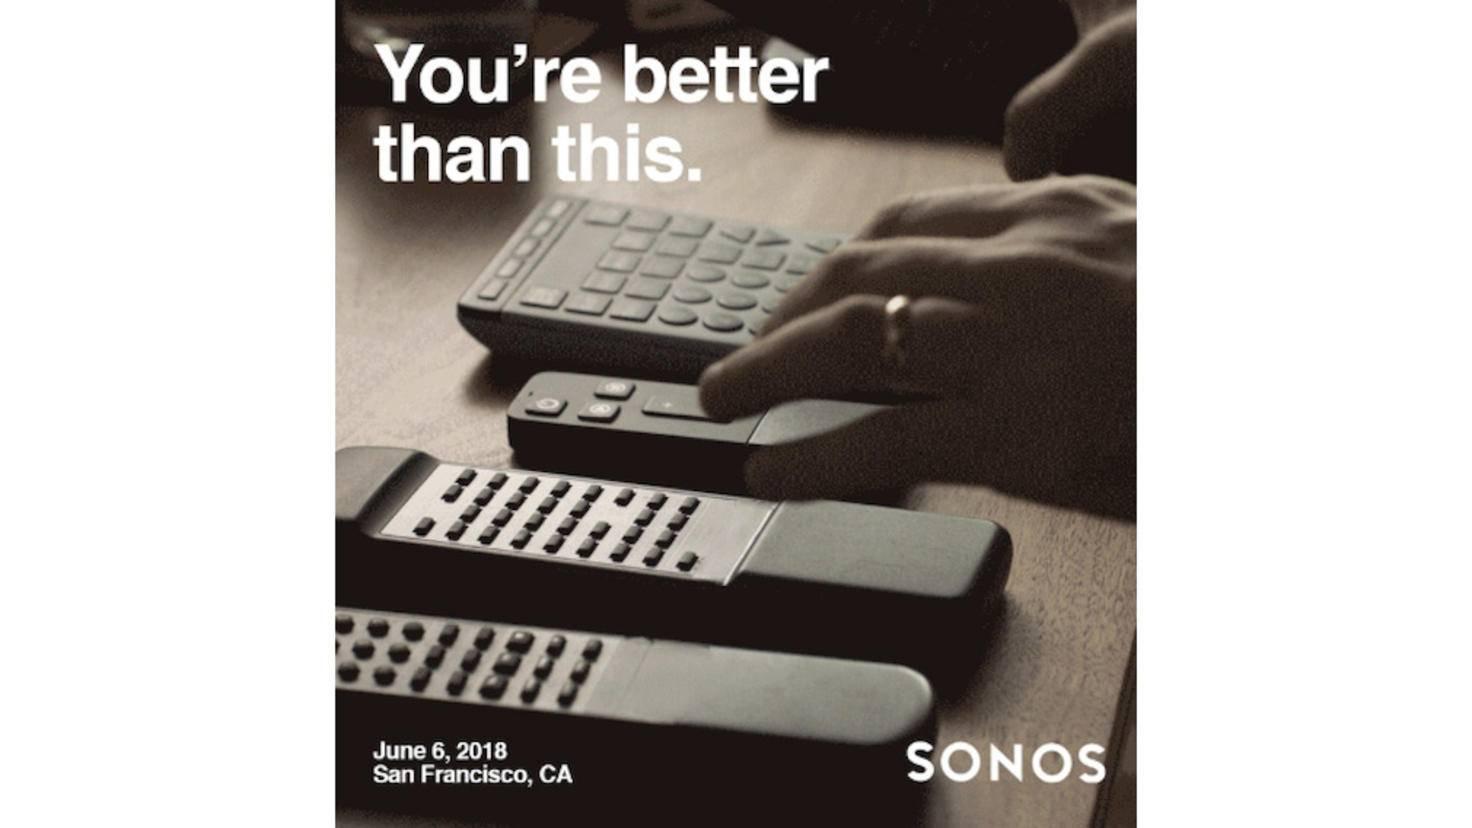 sonos-event